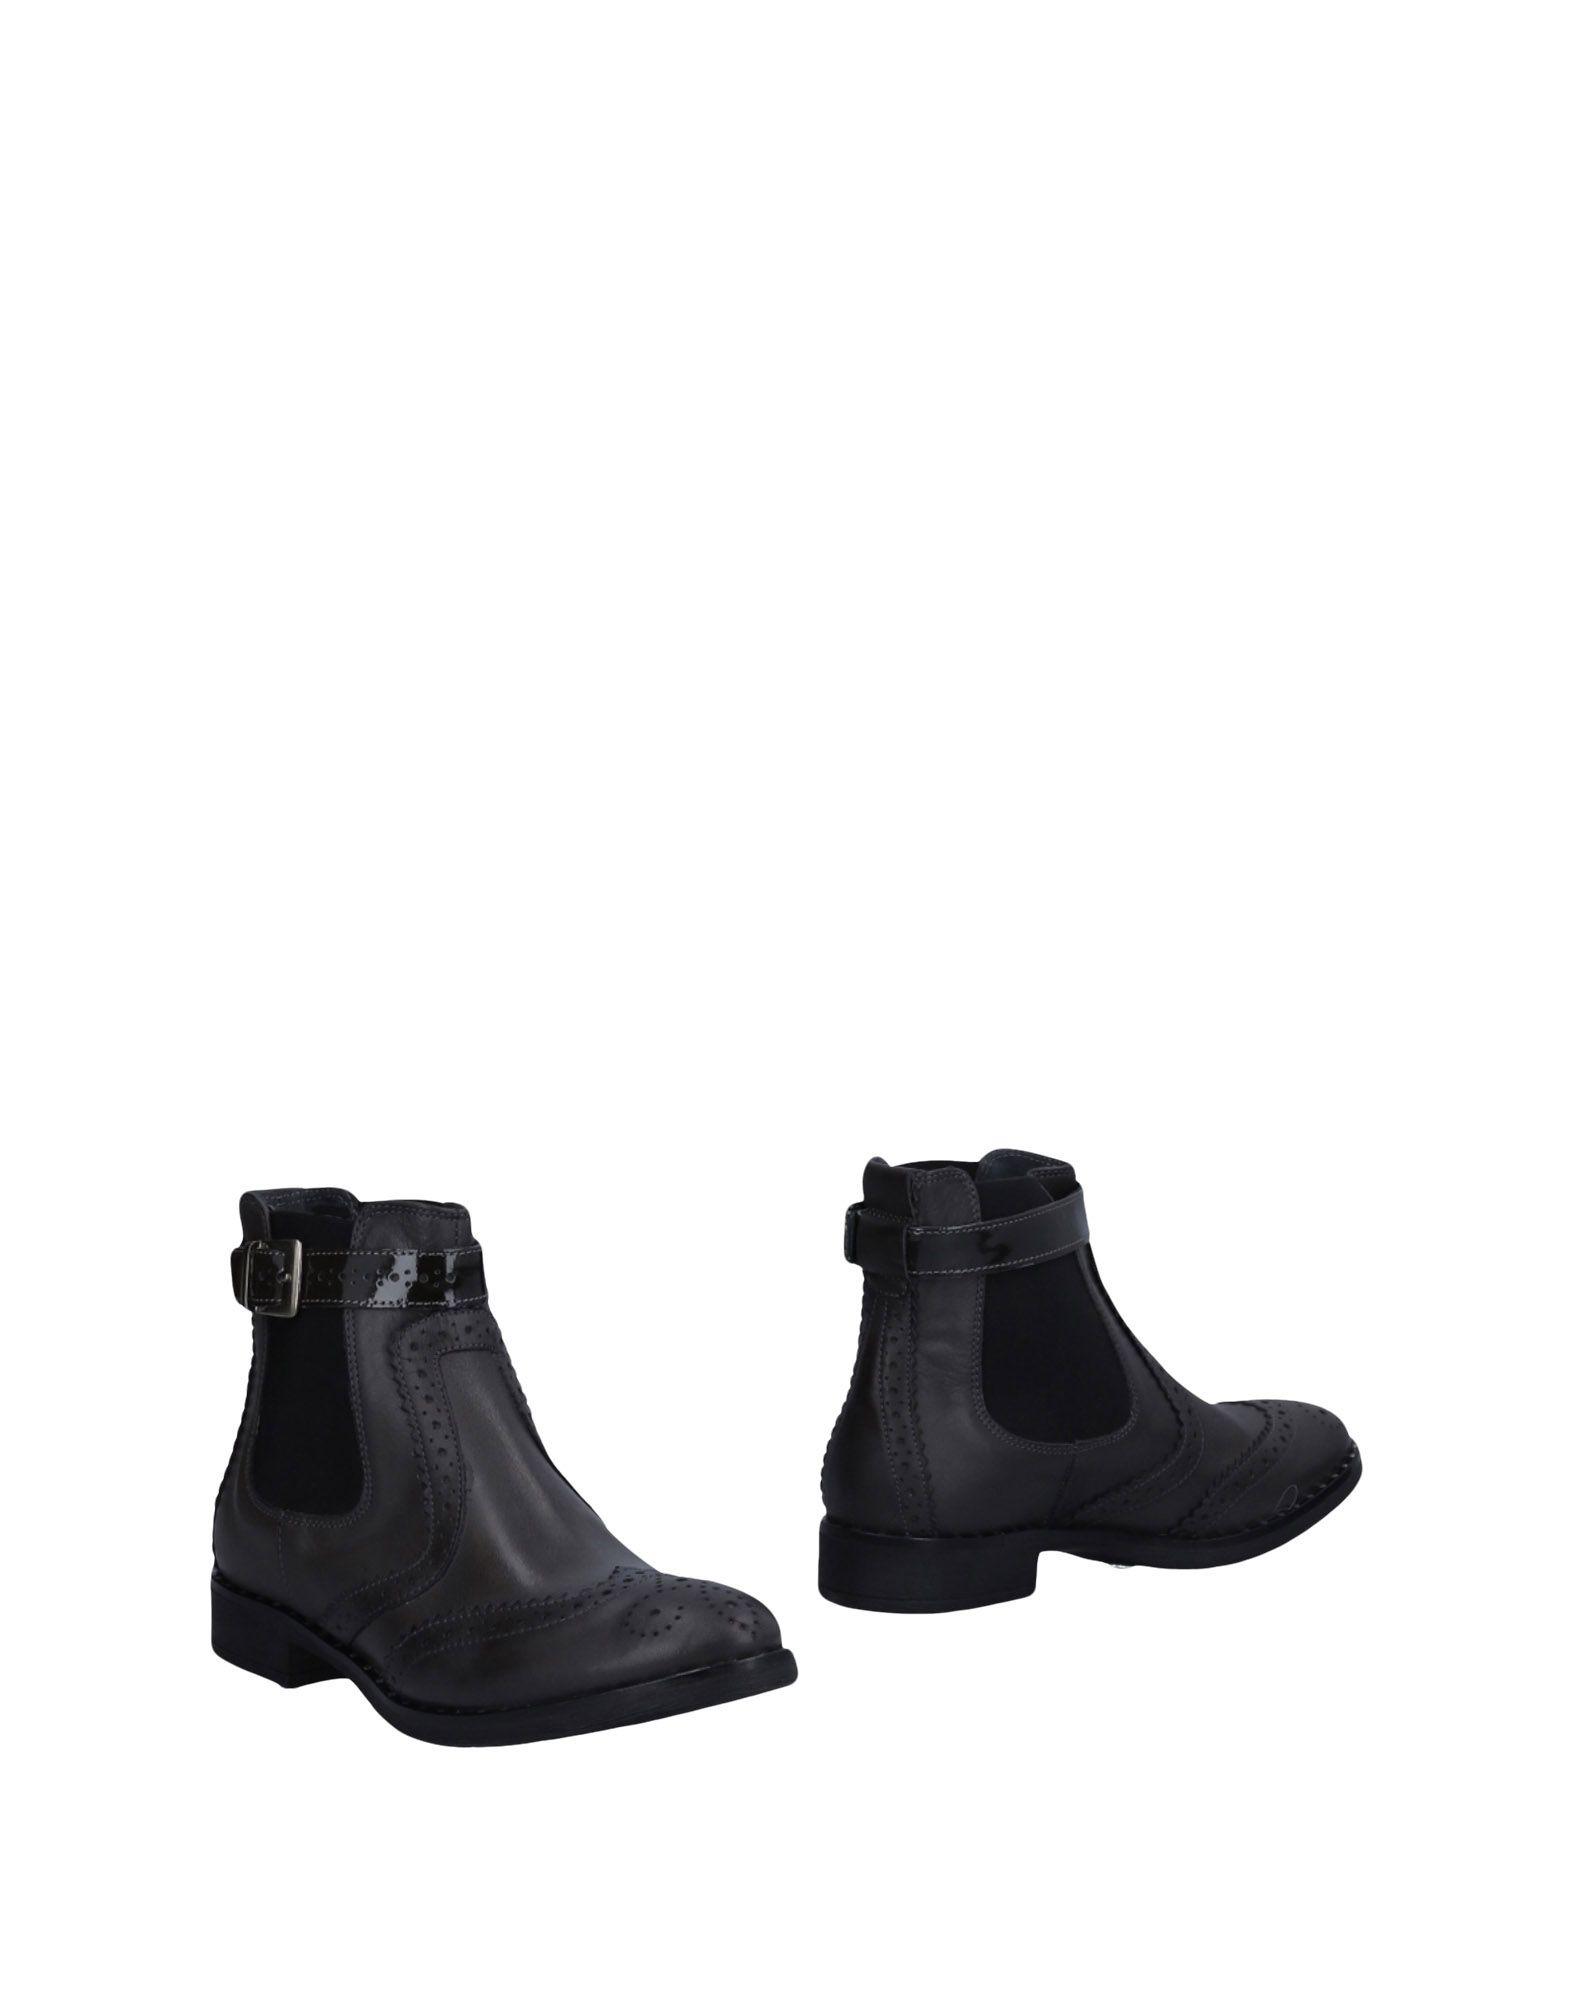 Chelsea Boots Piampiani Donna Donna Piampiani - 11491197TK e3d024